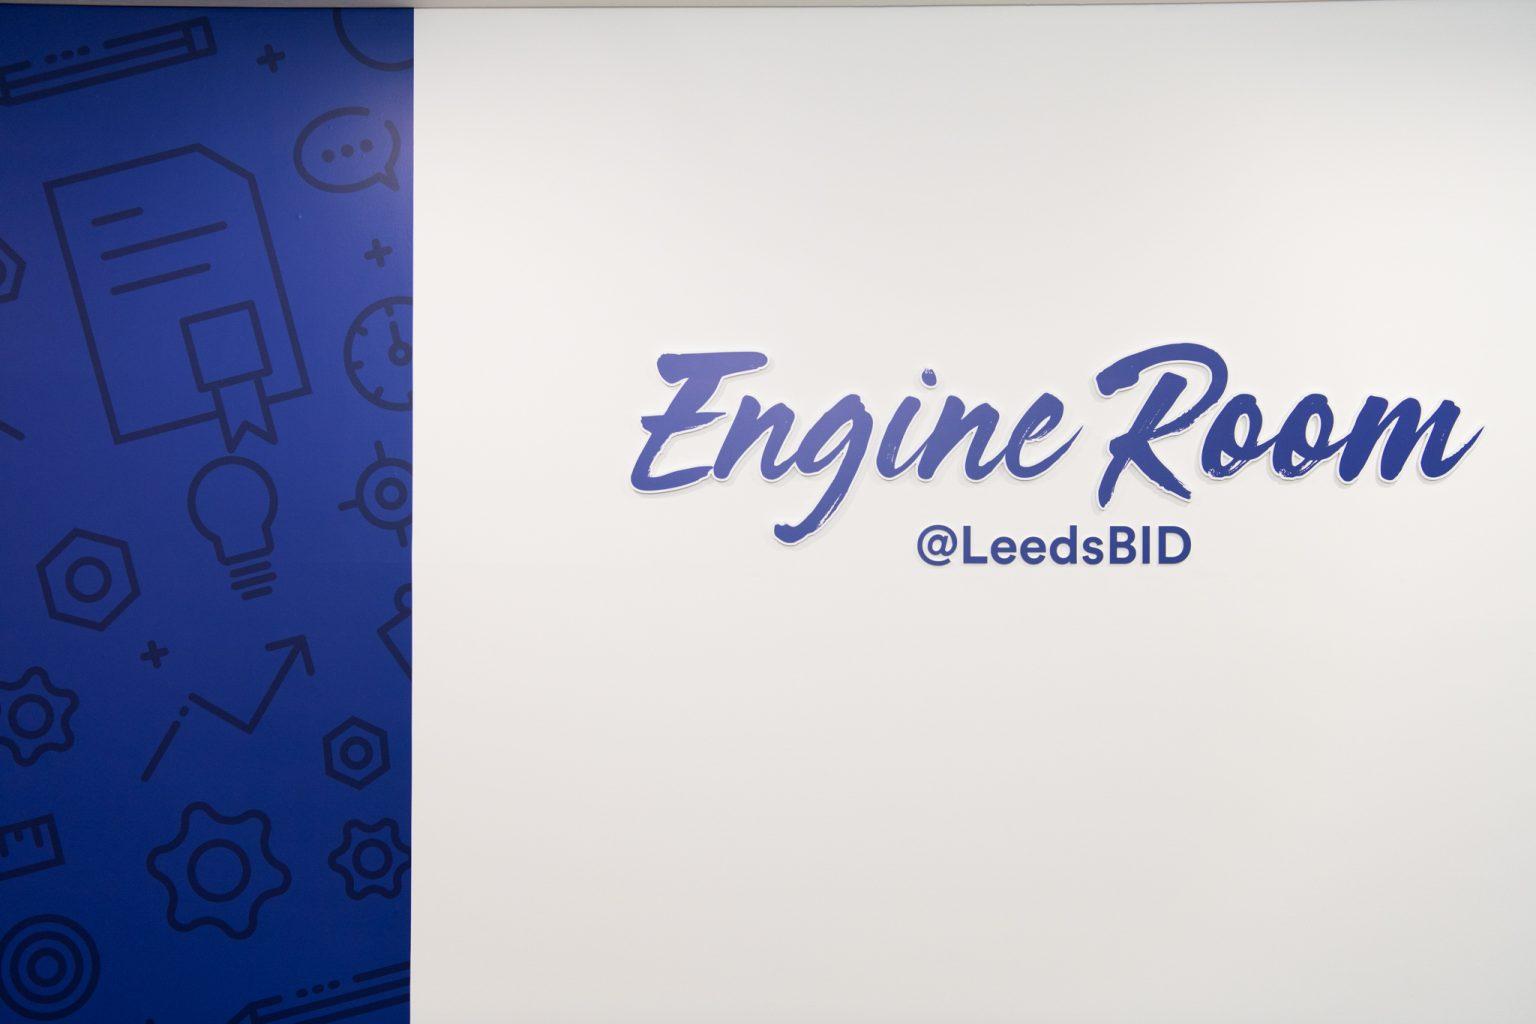 Engine Room @ LeedsBID